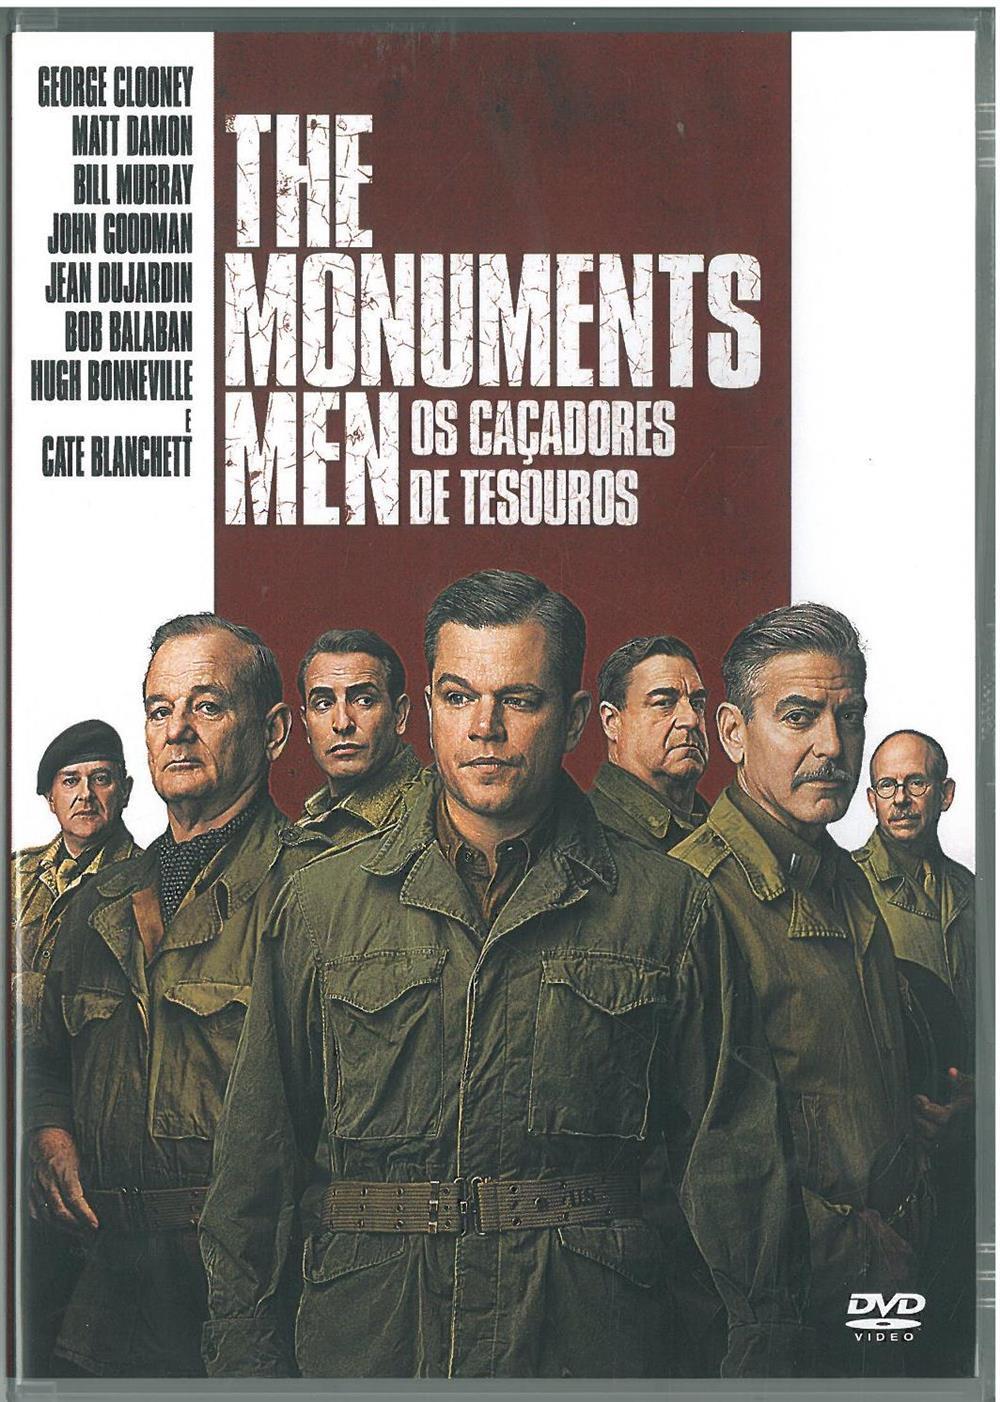 The monuments men_os caçadores de tesouros_DVD.jpg